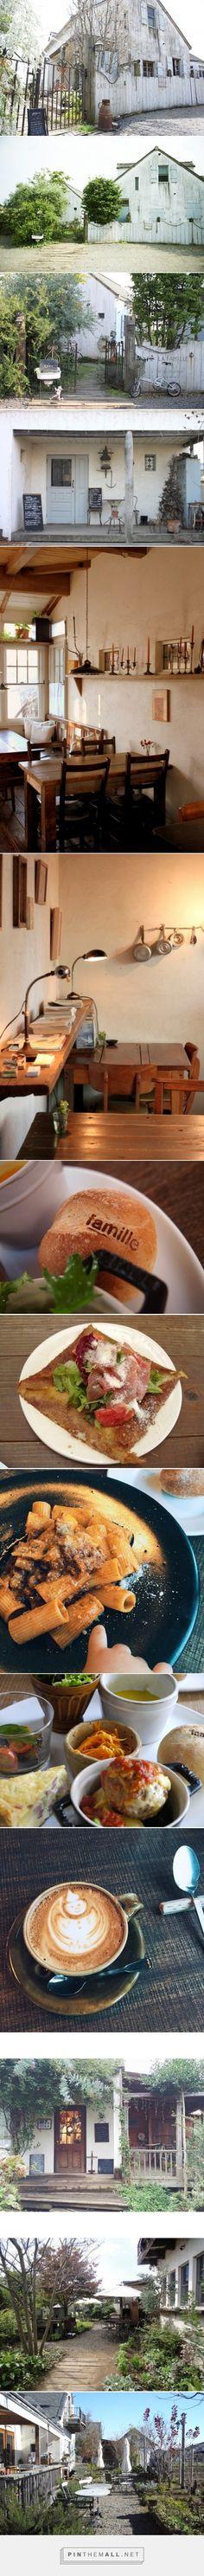 まるで南フランス。物語のように美しい「カフェ・ラ・ファミーユ」で幸せ時間 | キナリノ - created via https://pinthemall.net